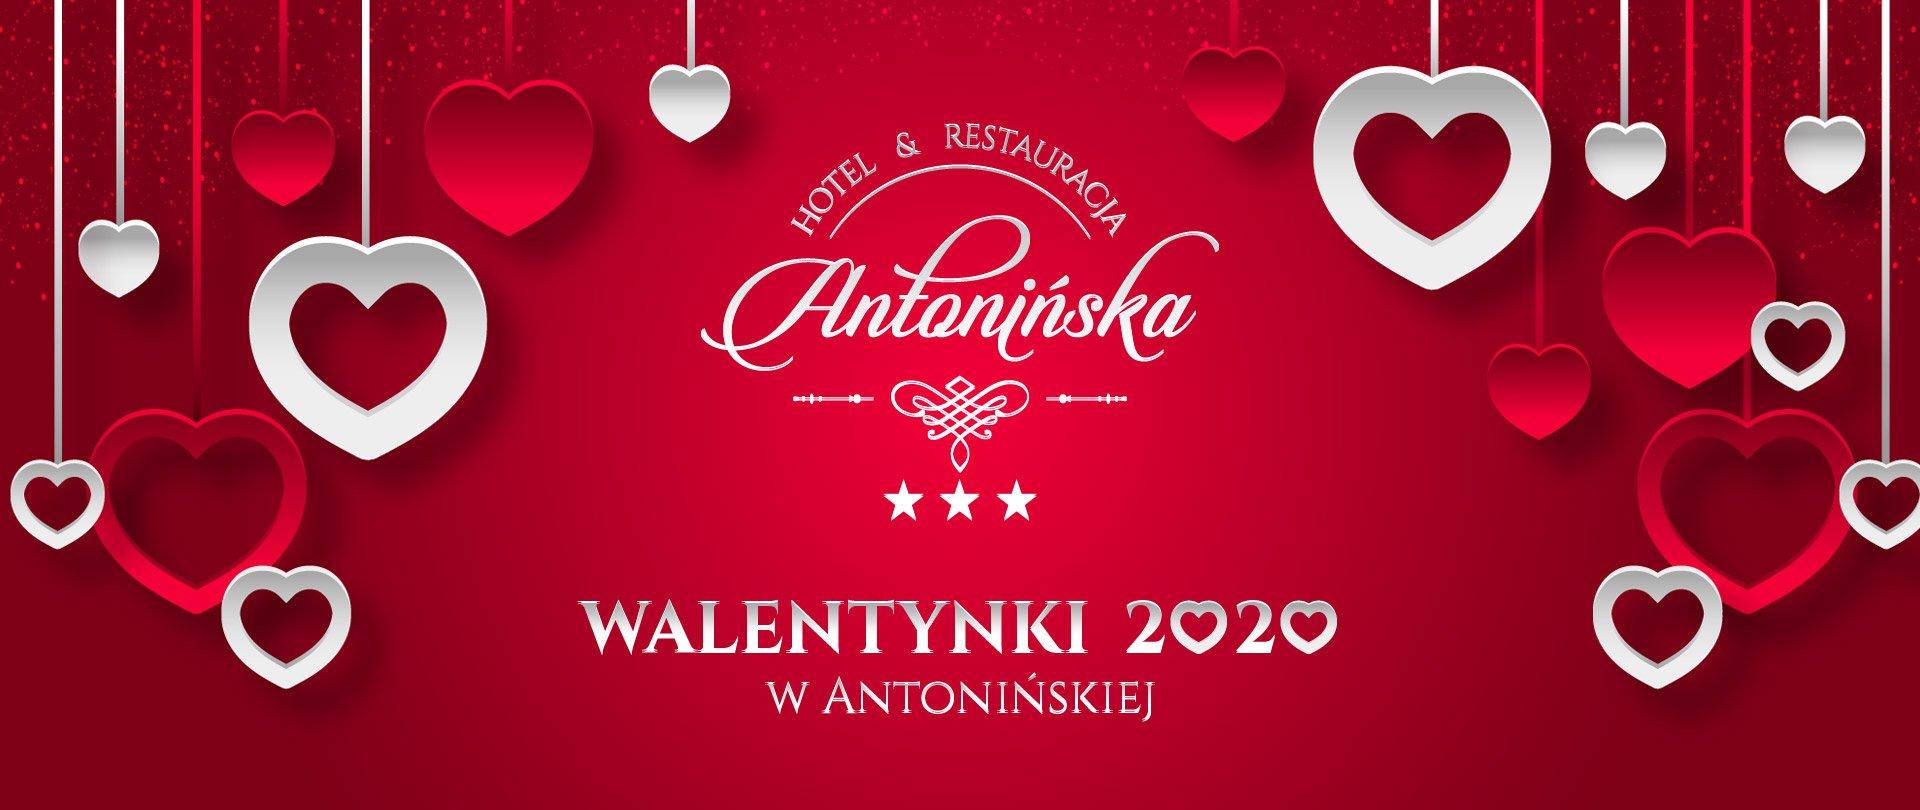 Walentynki 2020 w Antonińskiej